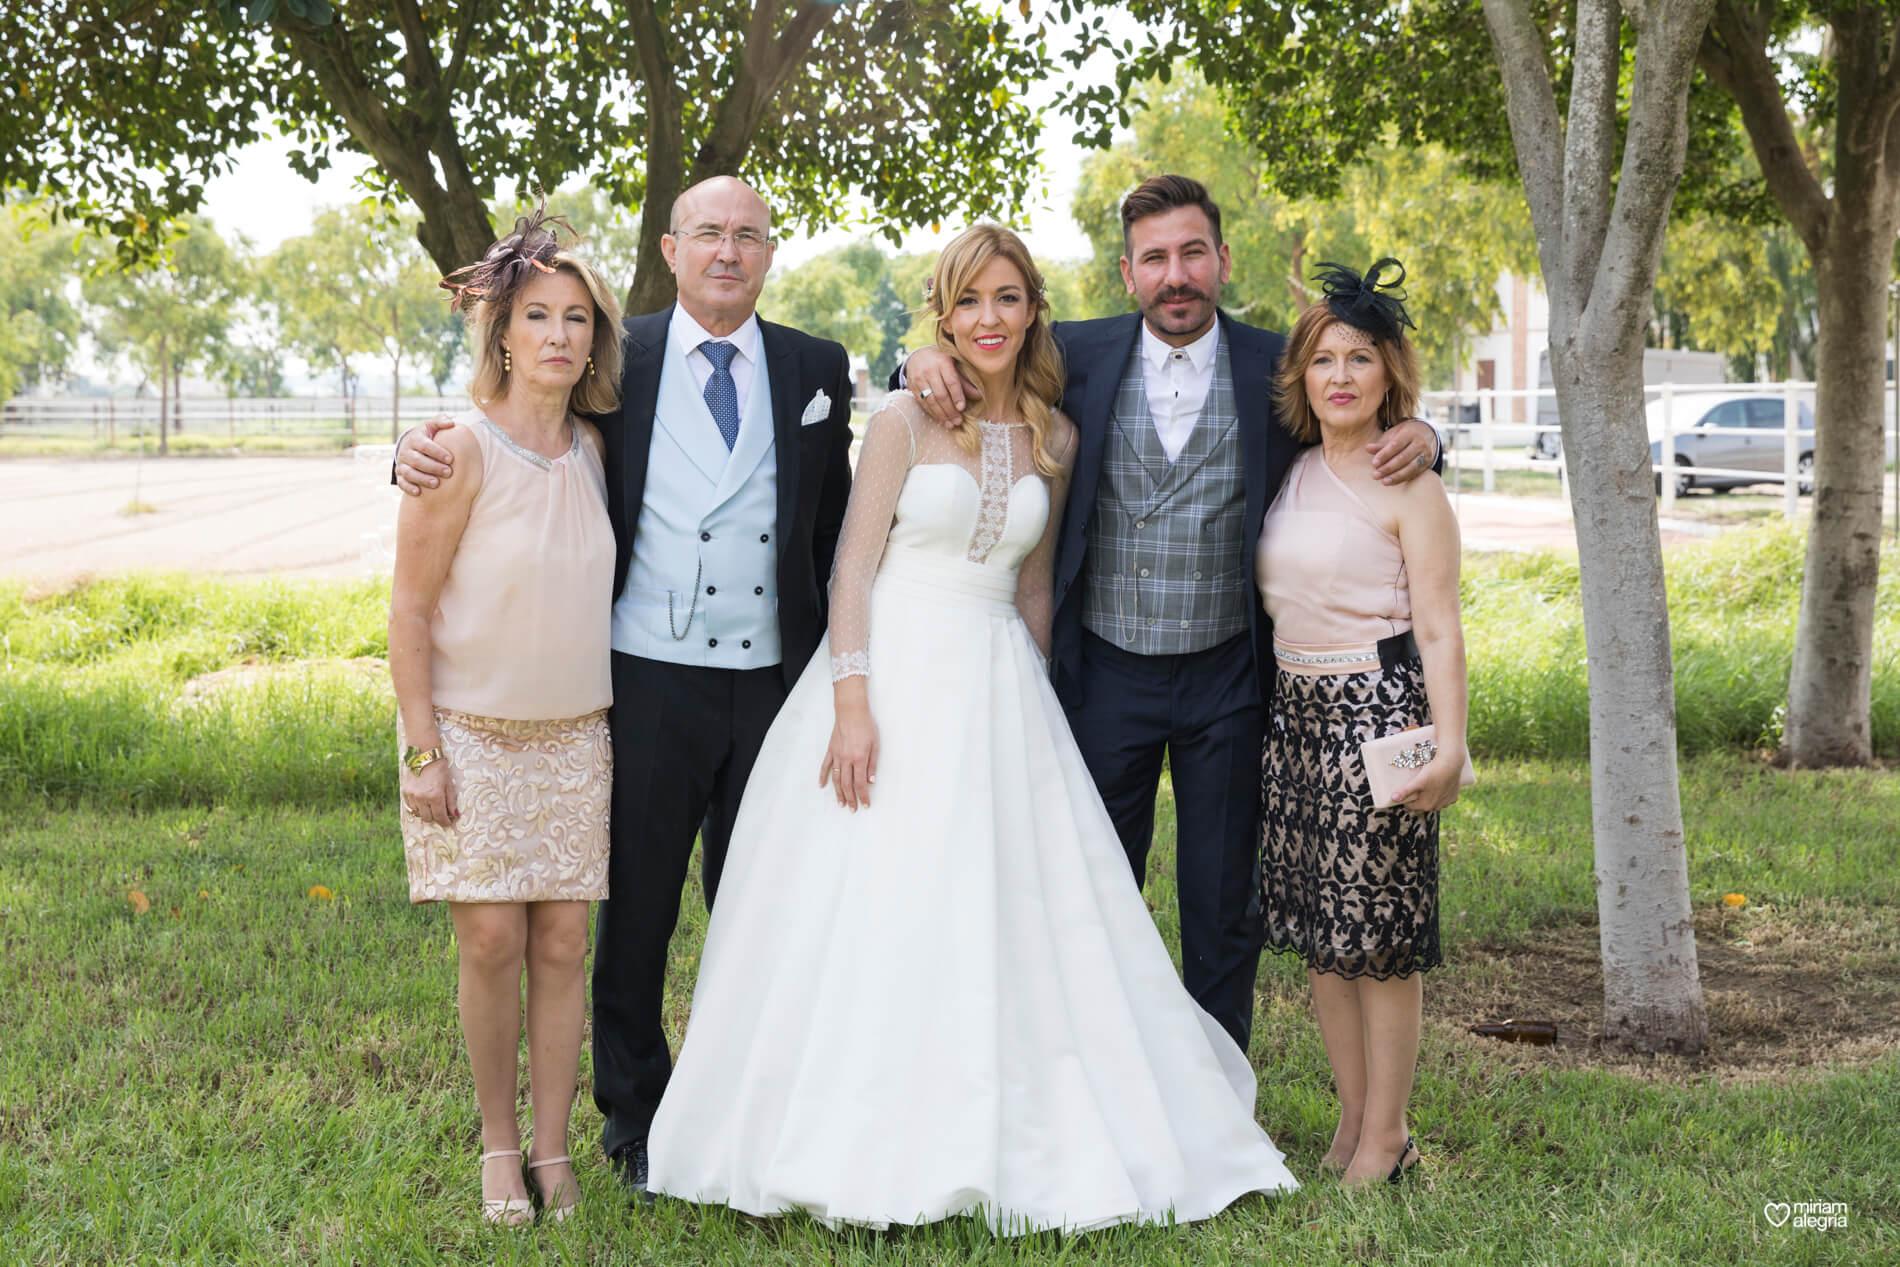 boda-en-finca-villa-vera-de-alemc7-miriam-alegria-fotografos-boda-murcia-144